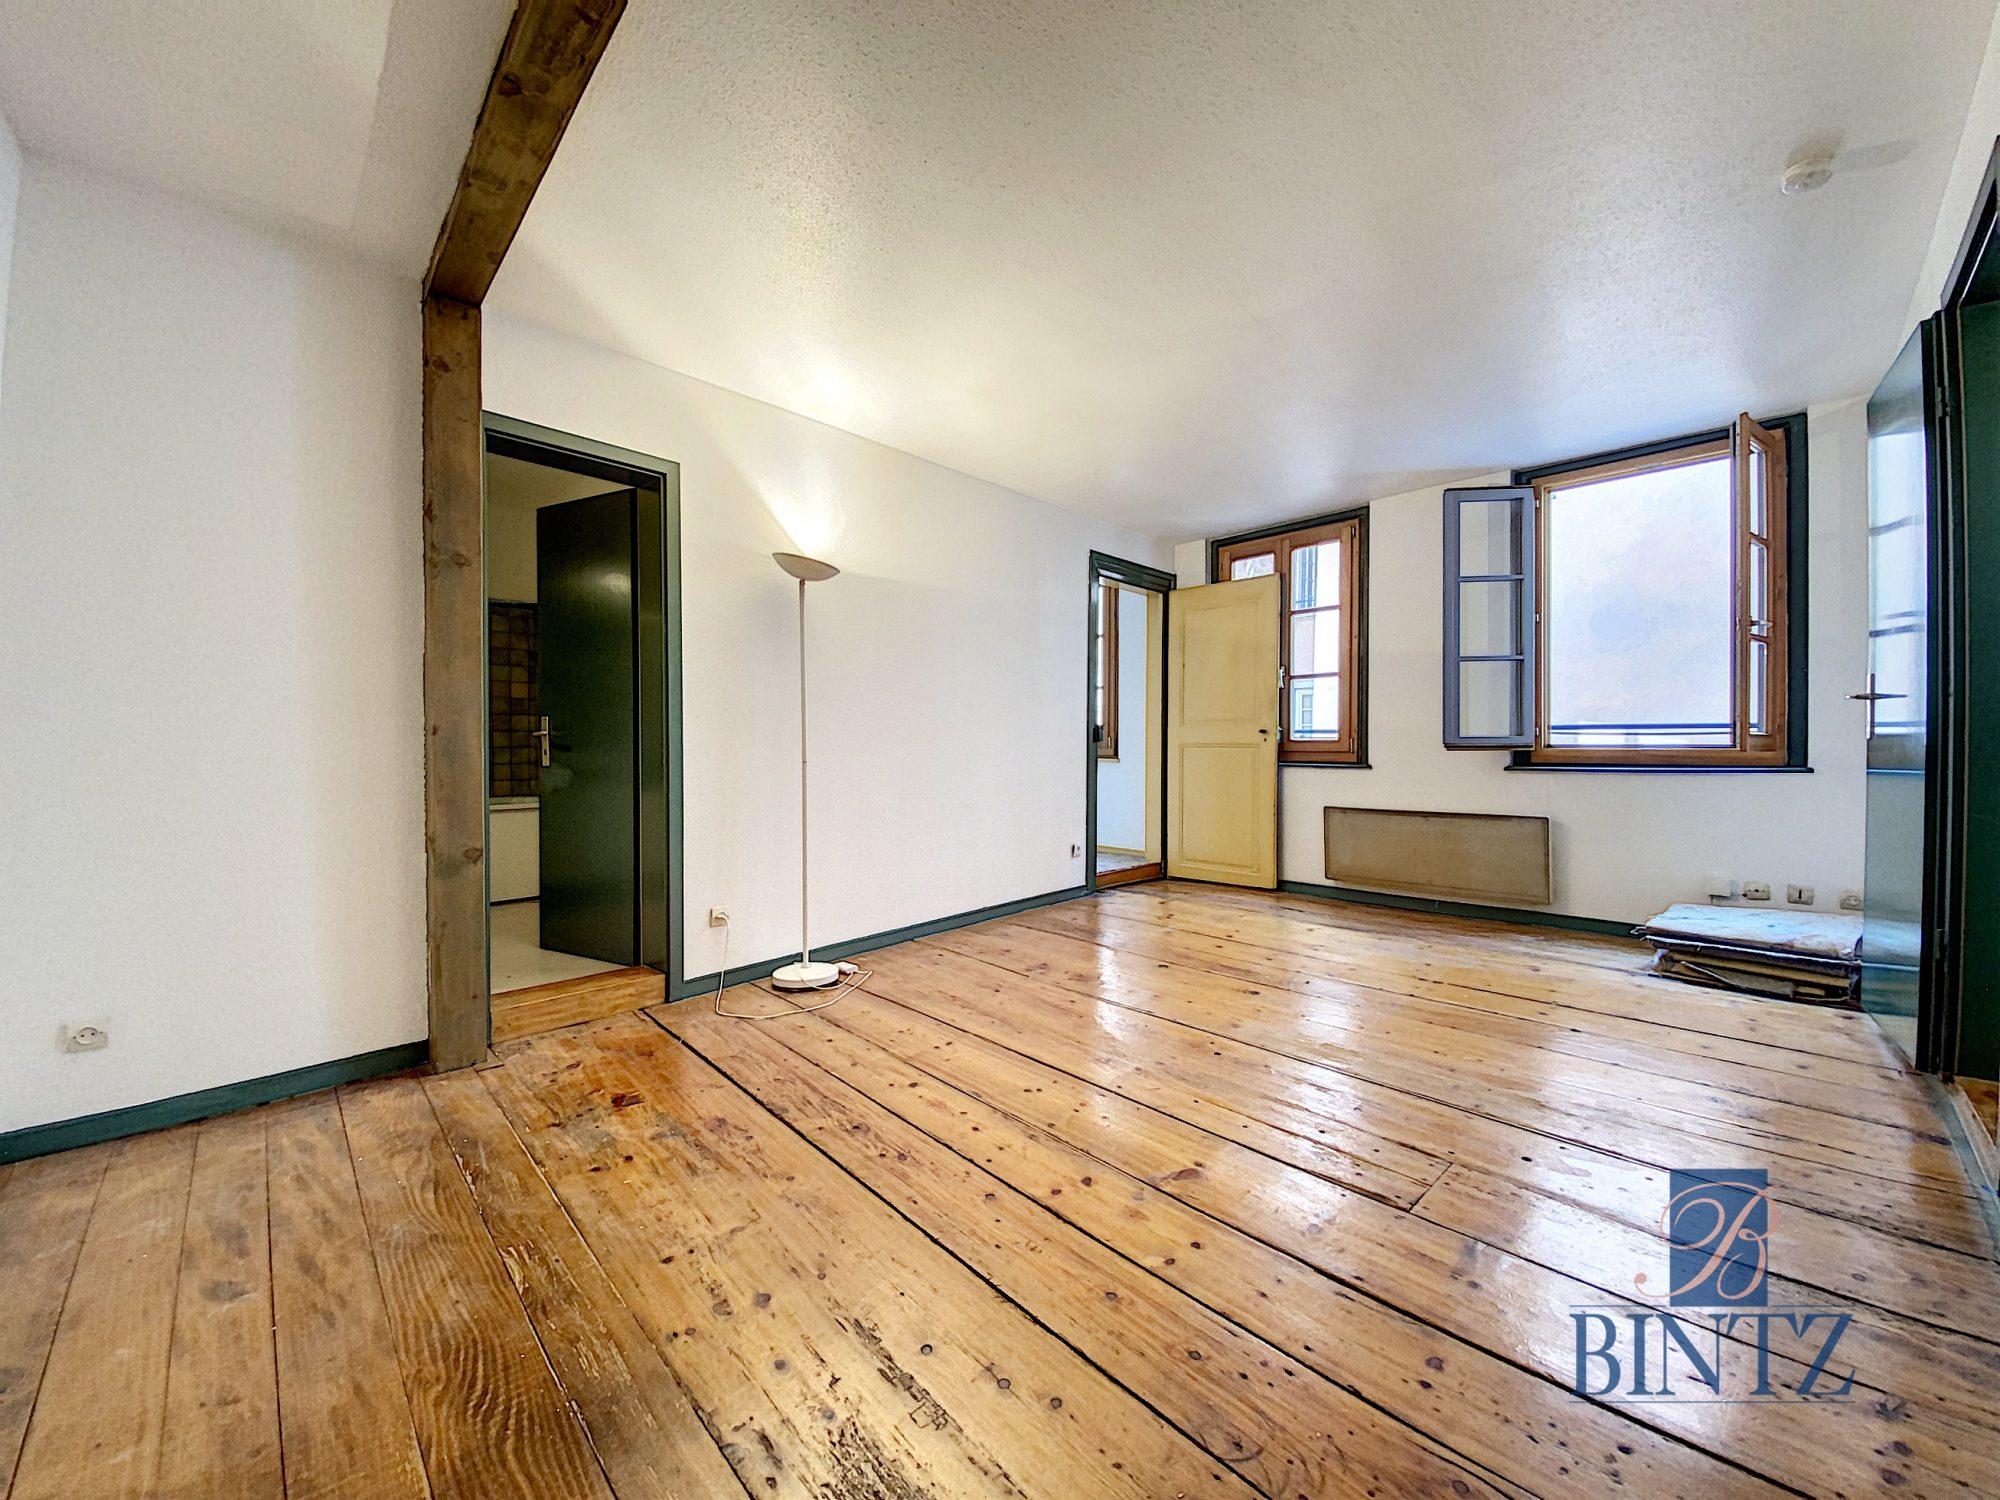 2PHYPERCENTRE - Devenez locataire en toute sérénité - Bintz Immobilier - 1